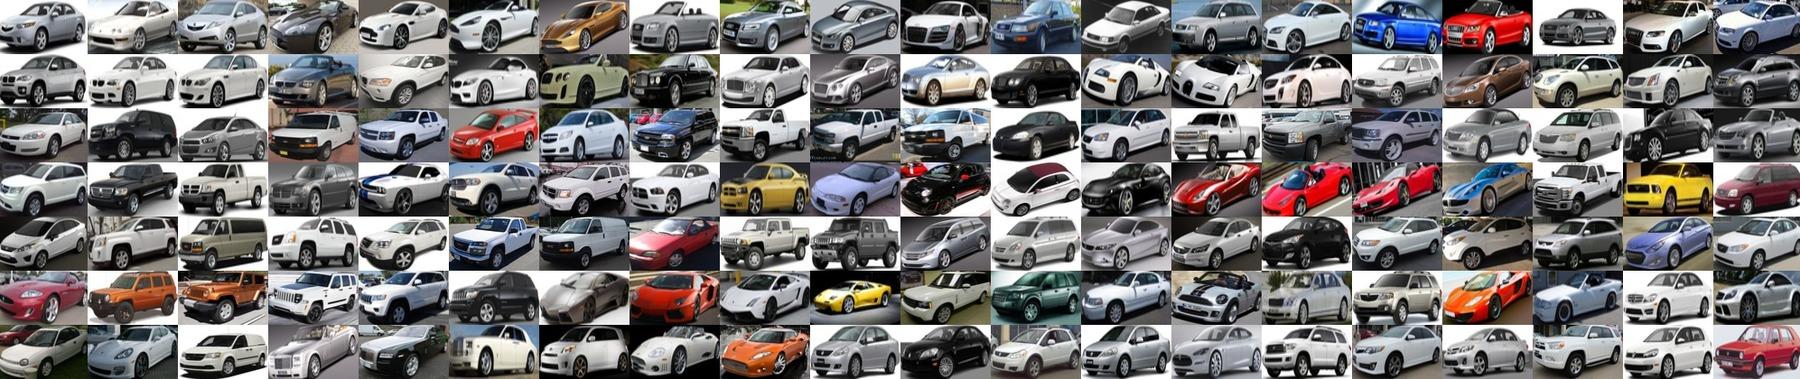 automobiles | Kaggle